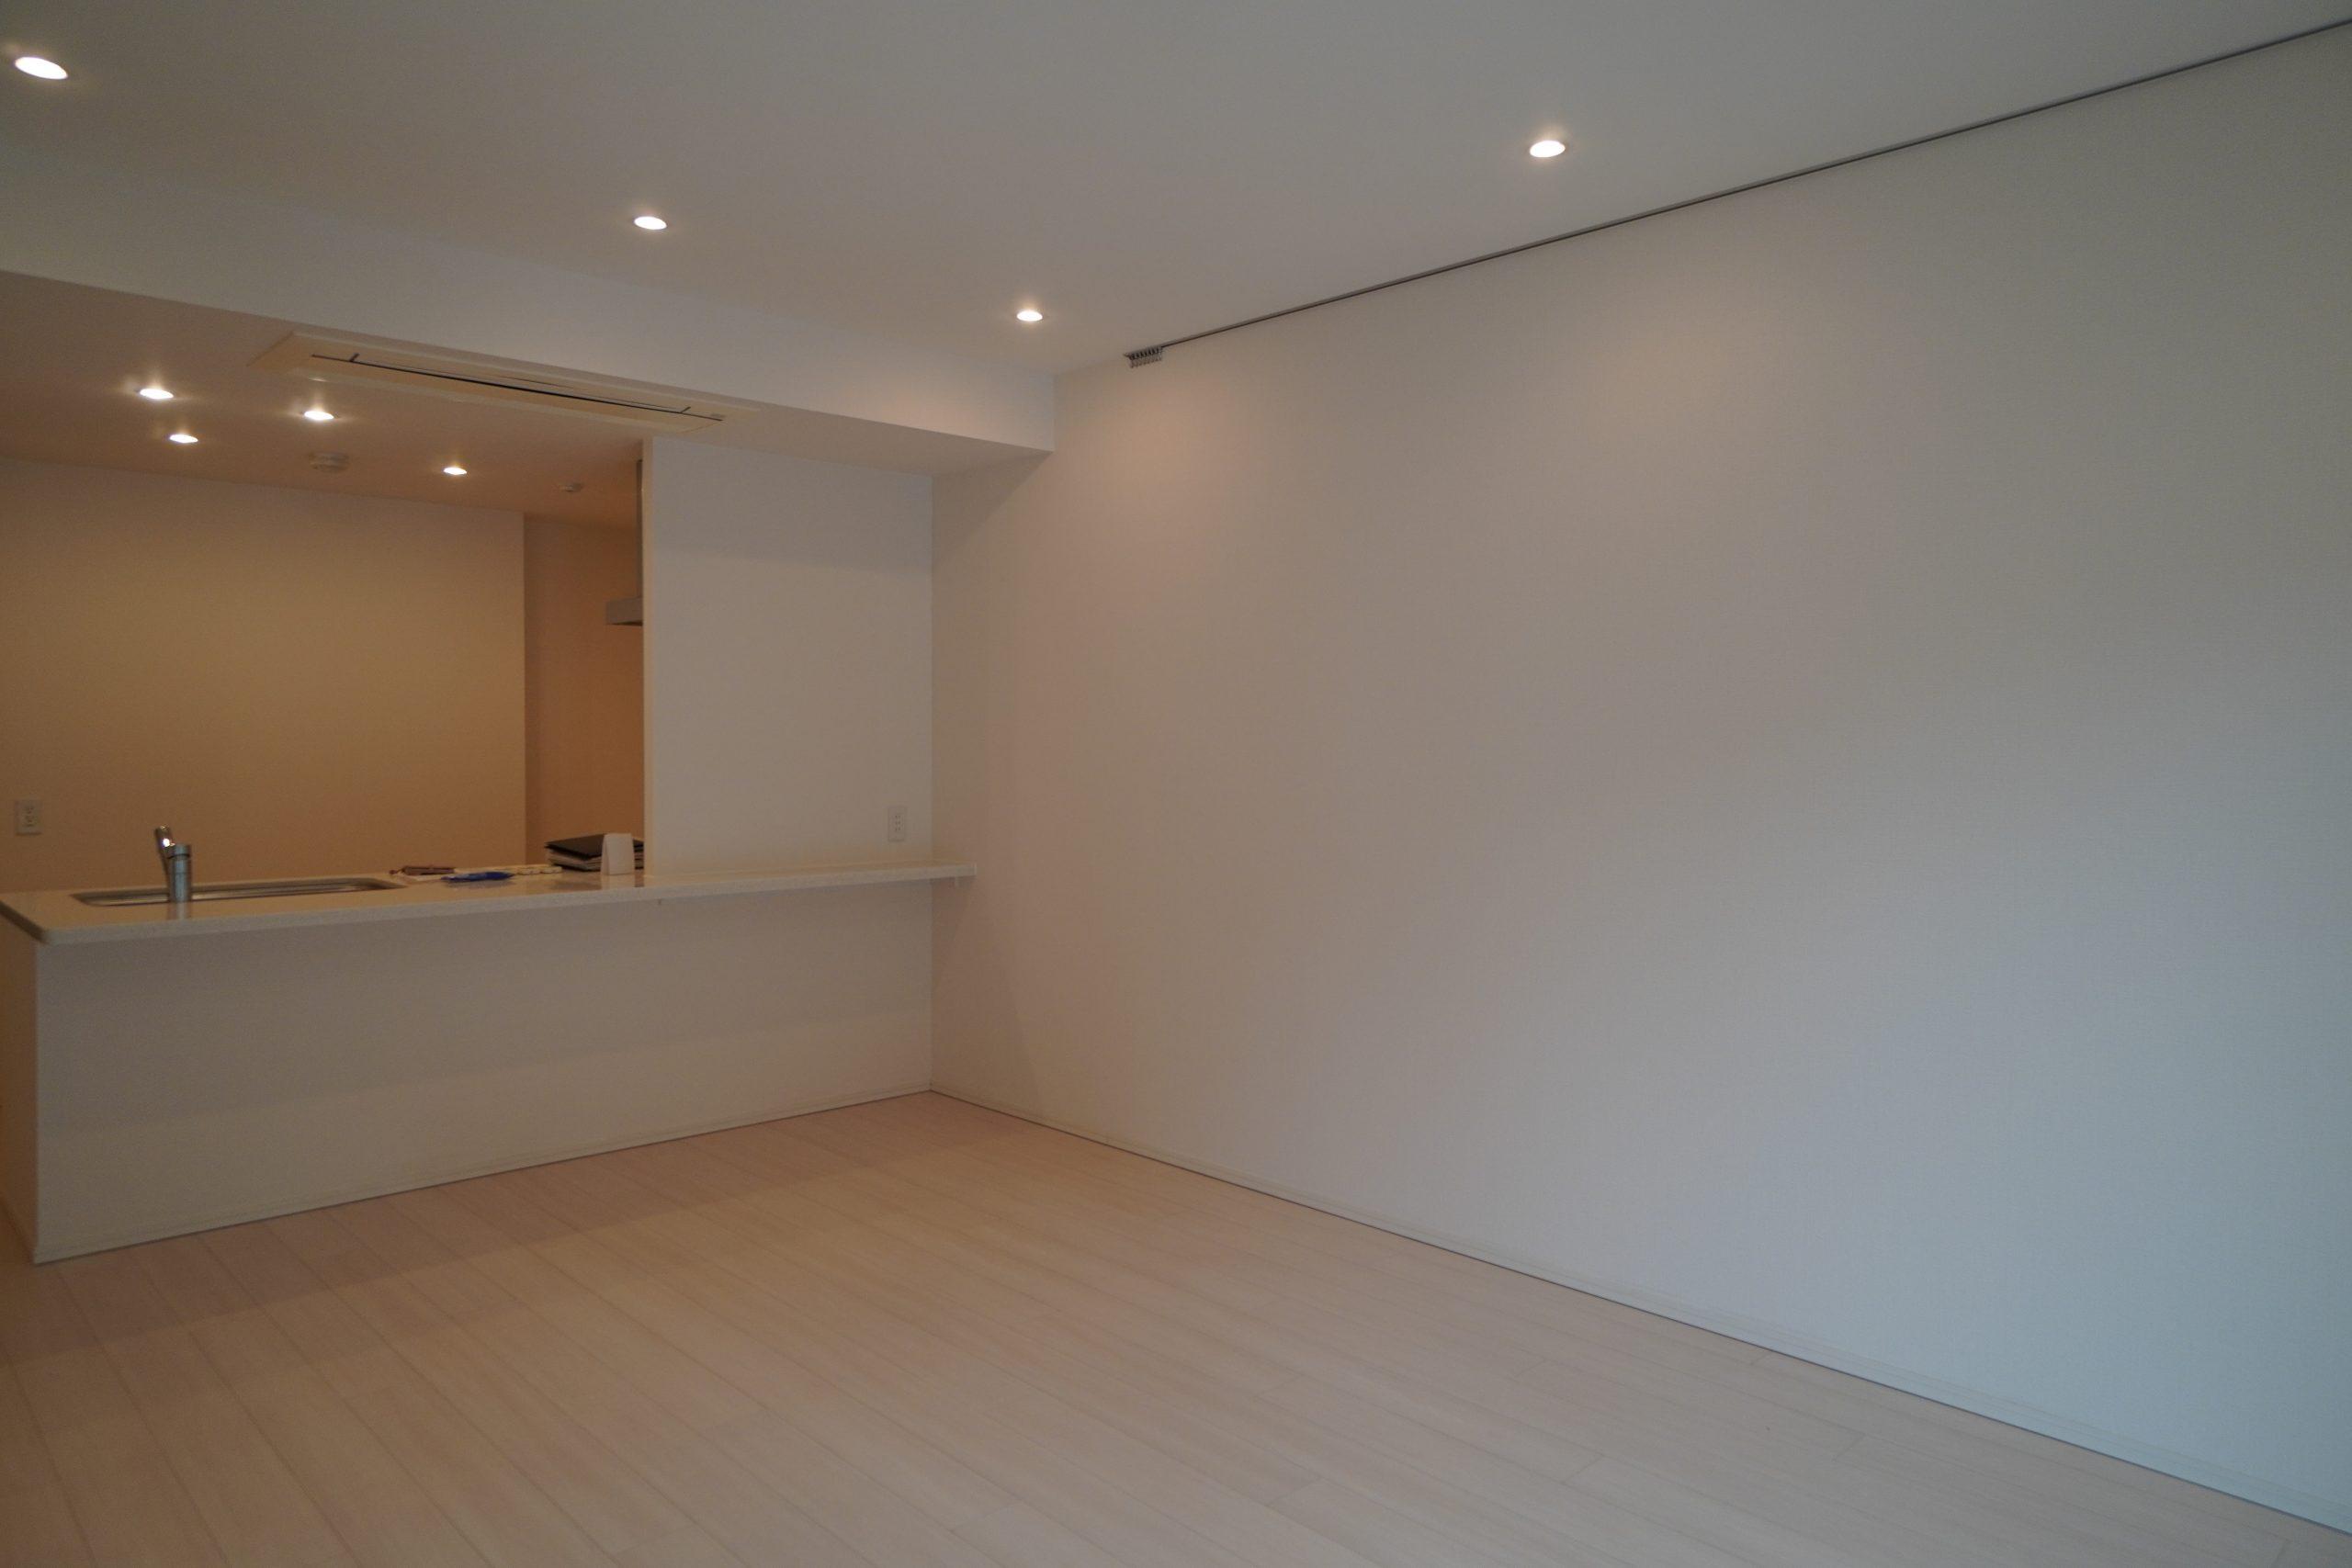 コンフォリア新宿イーストサイドタワー 511の写真4